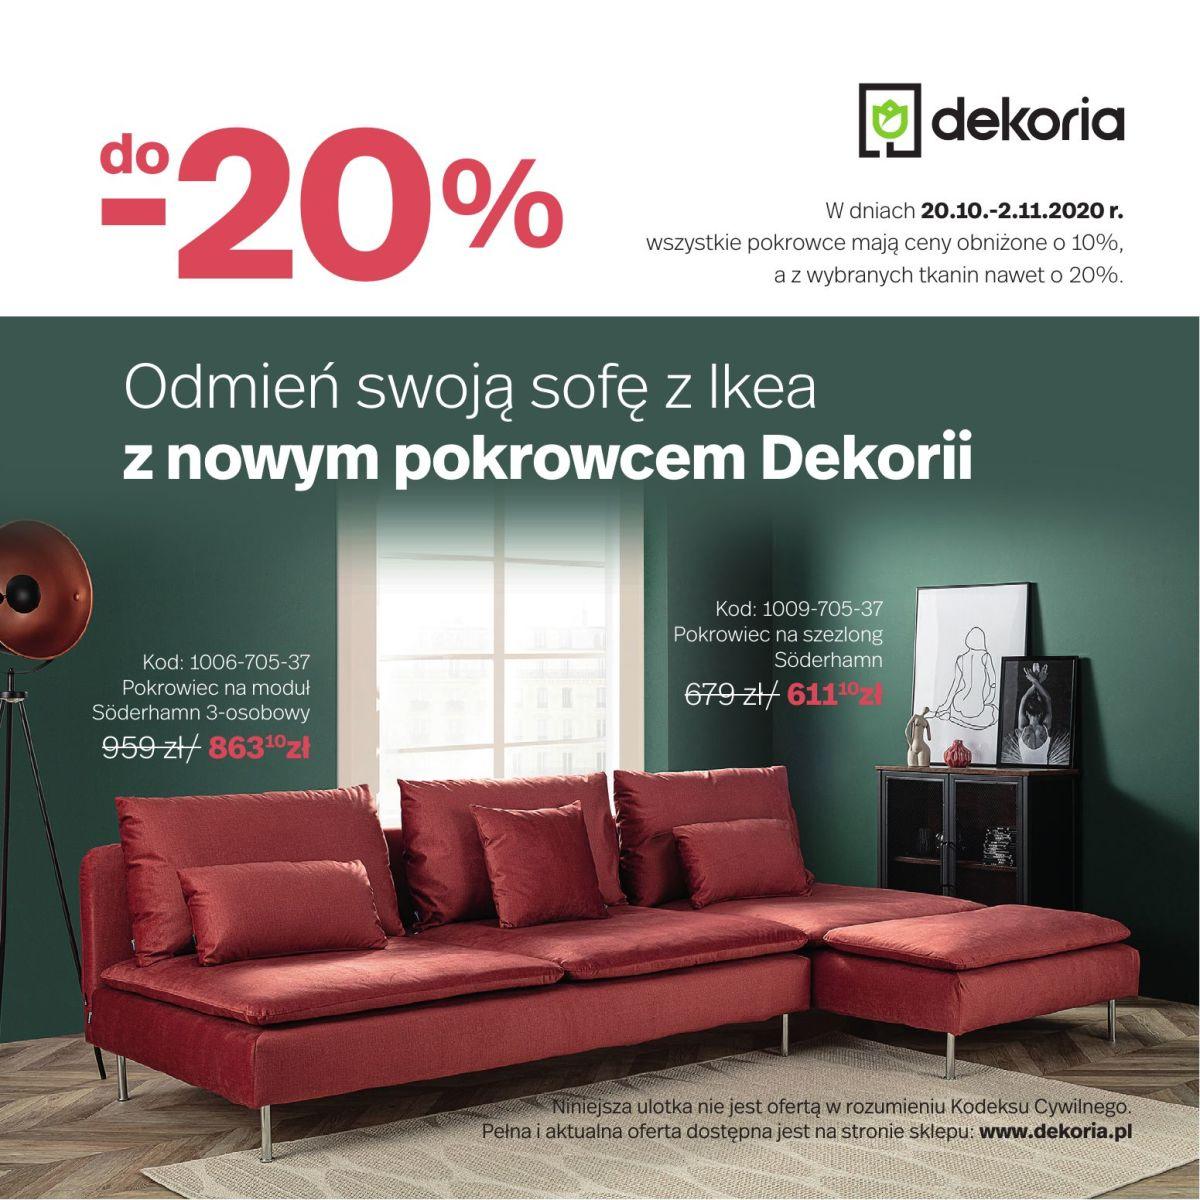 Gazetka dekoria - Odmień swoją sofę z Ikea